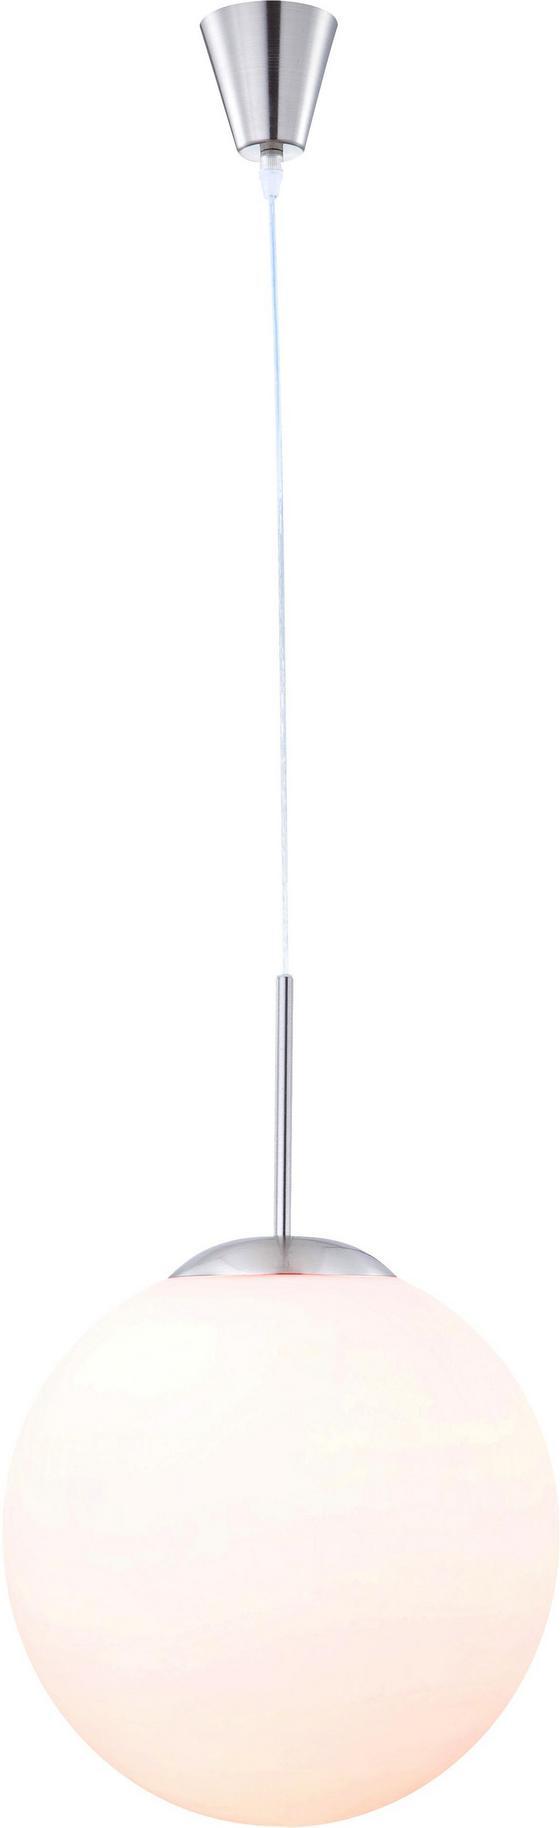 Hängeleuchte Uwe - Opal/Nickelfarben, MODERN, Glas/Metall (29/180cm)